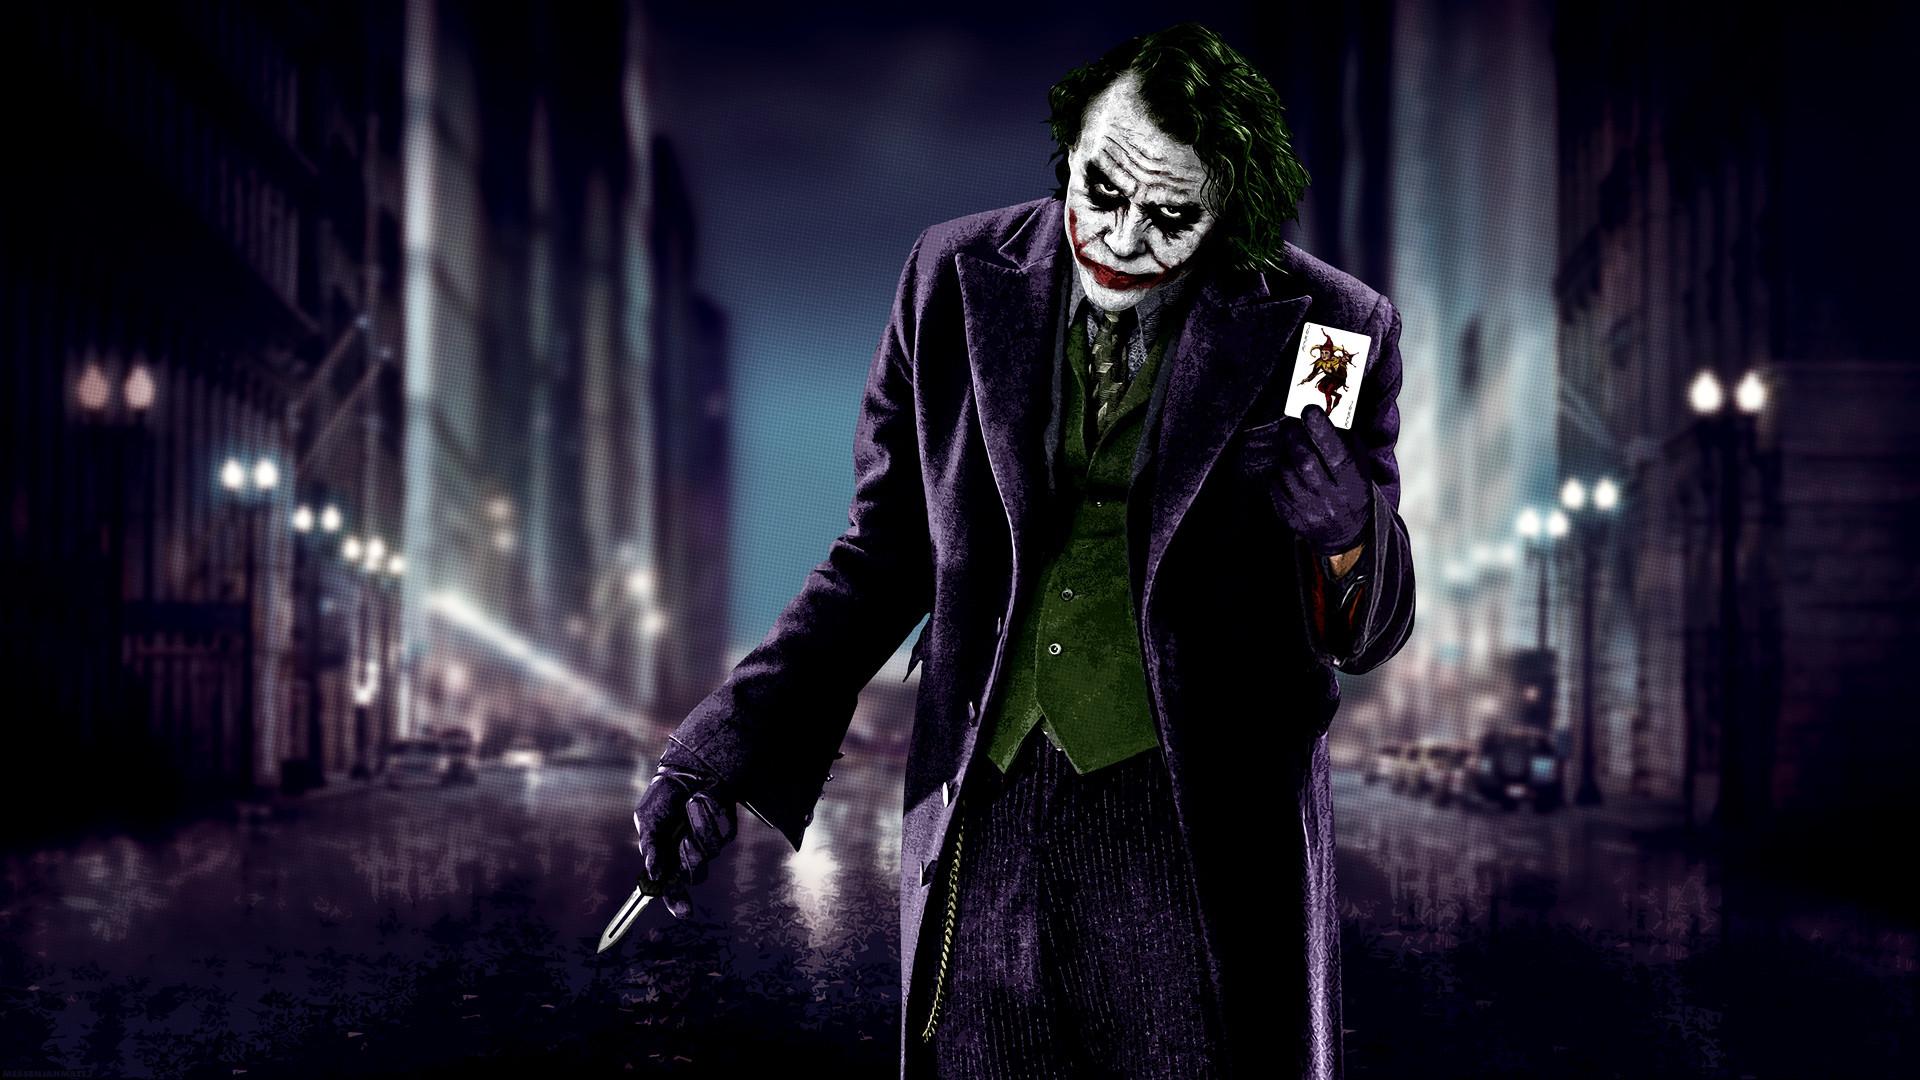 0 Joker HD Wallpapers Joker HD Wallpapers 1080p